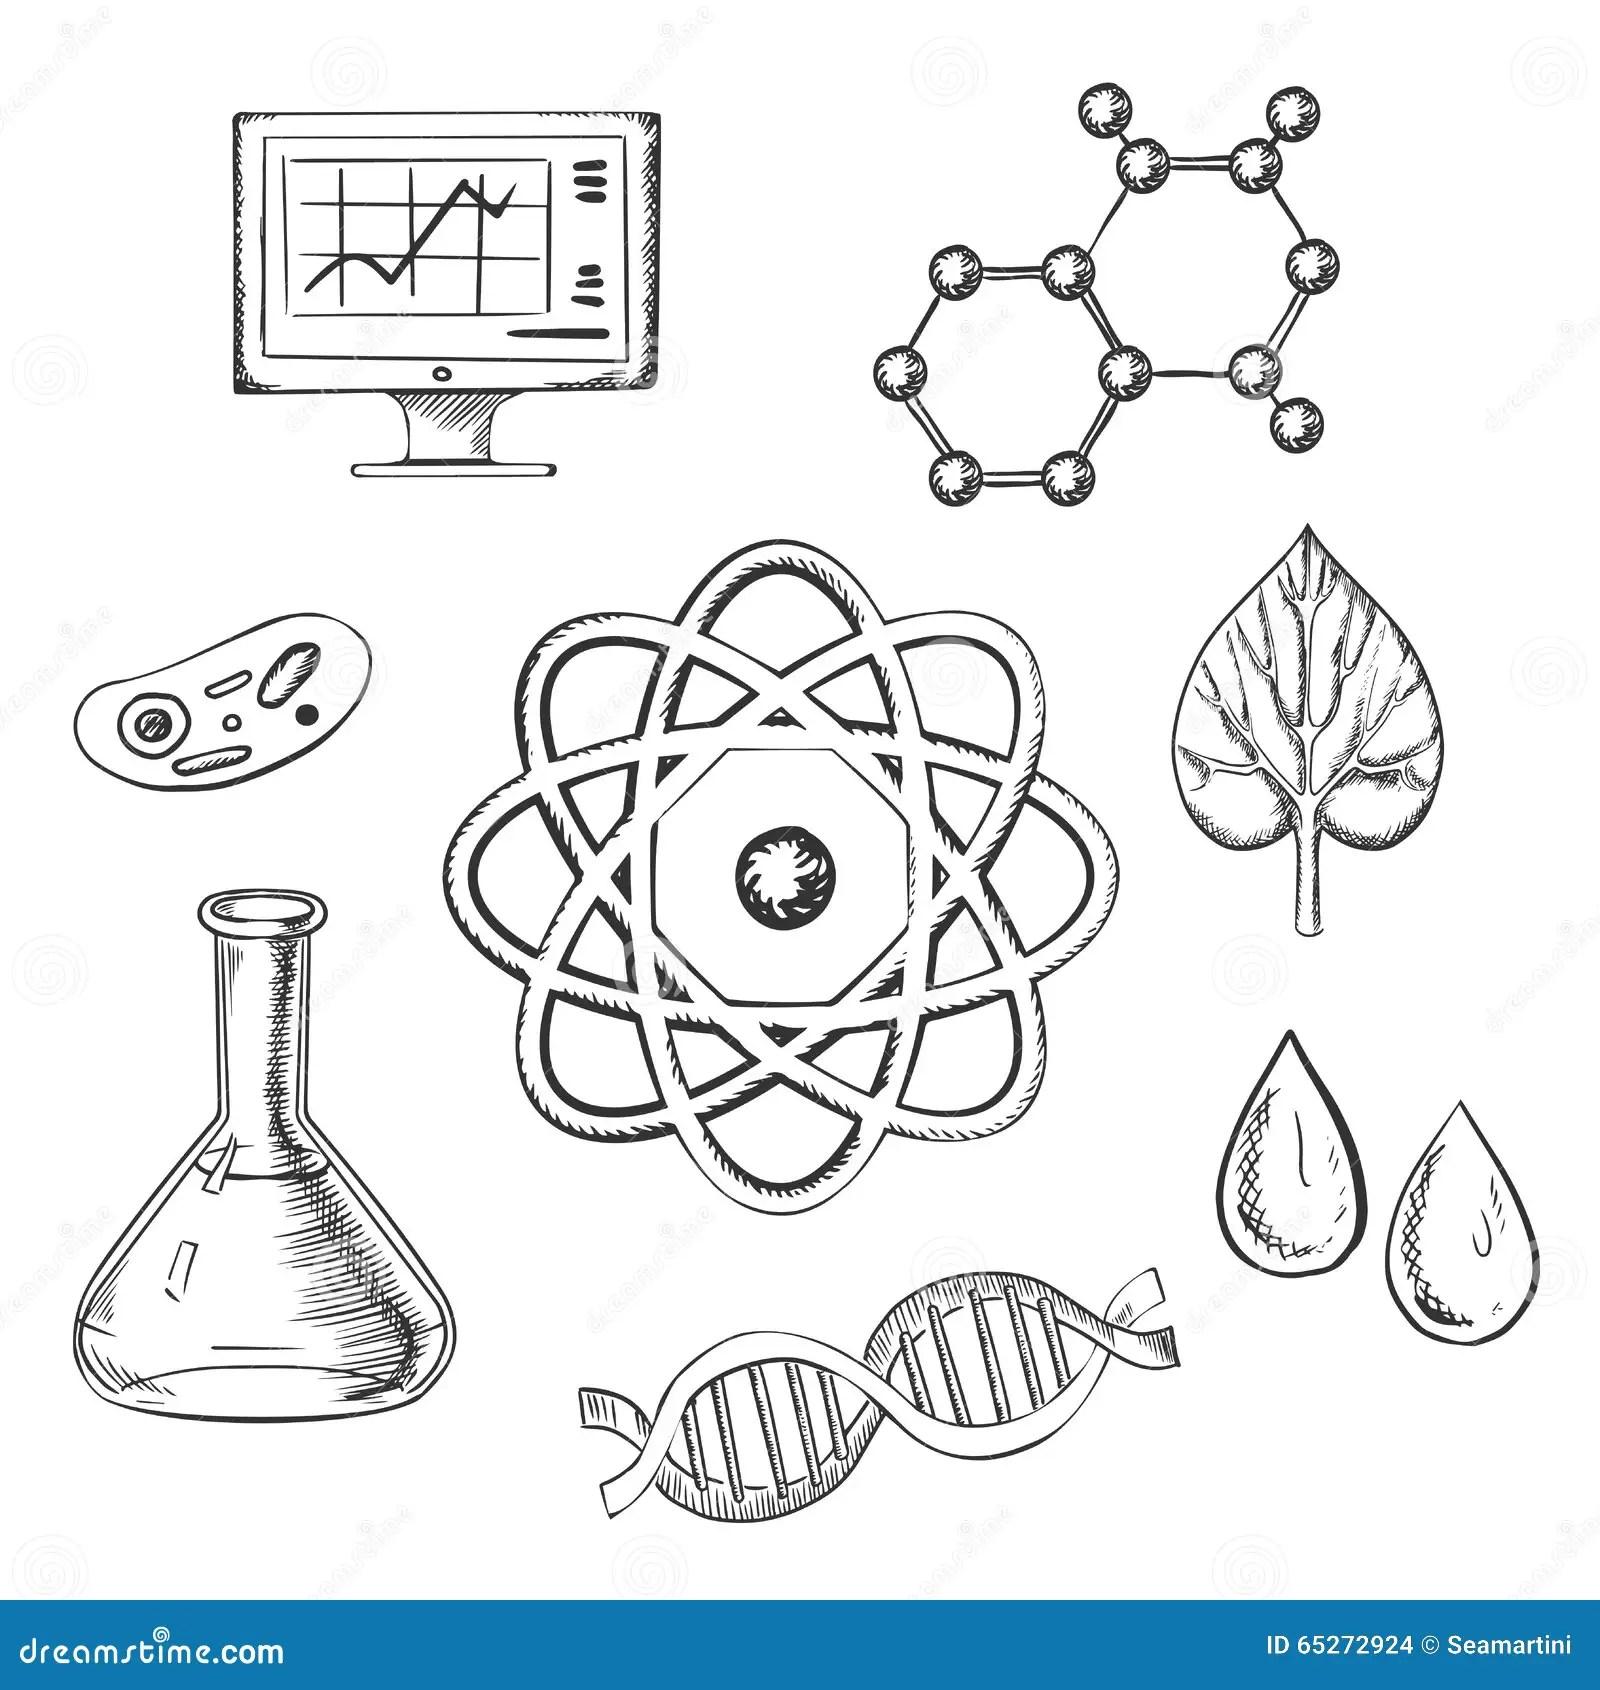 Biologi Och Kemi Skissar Symboler Vektor Illustrationer